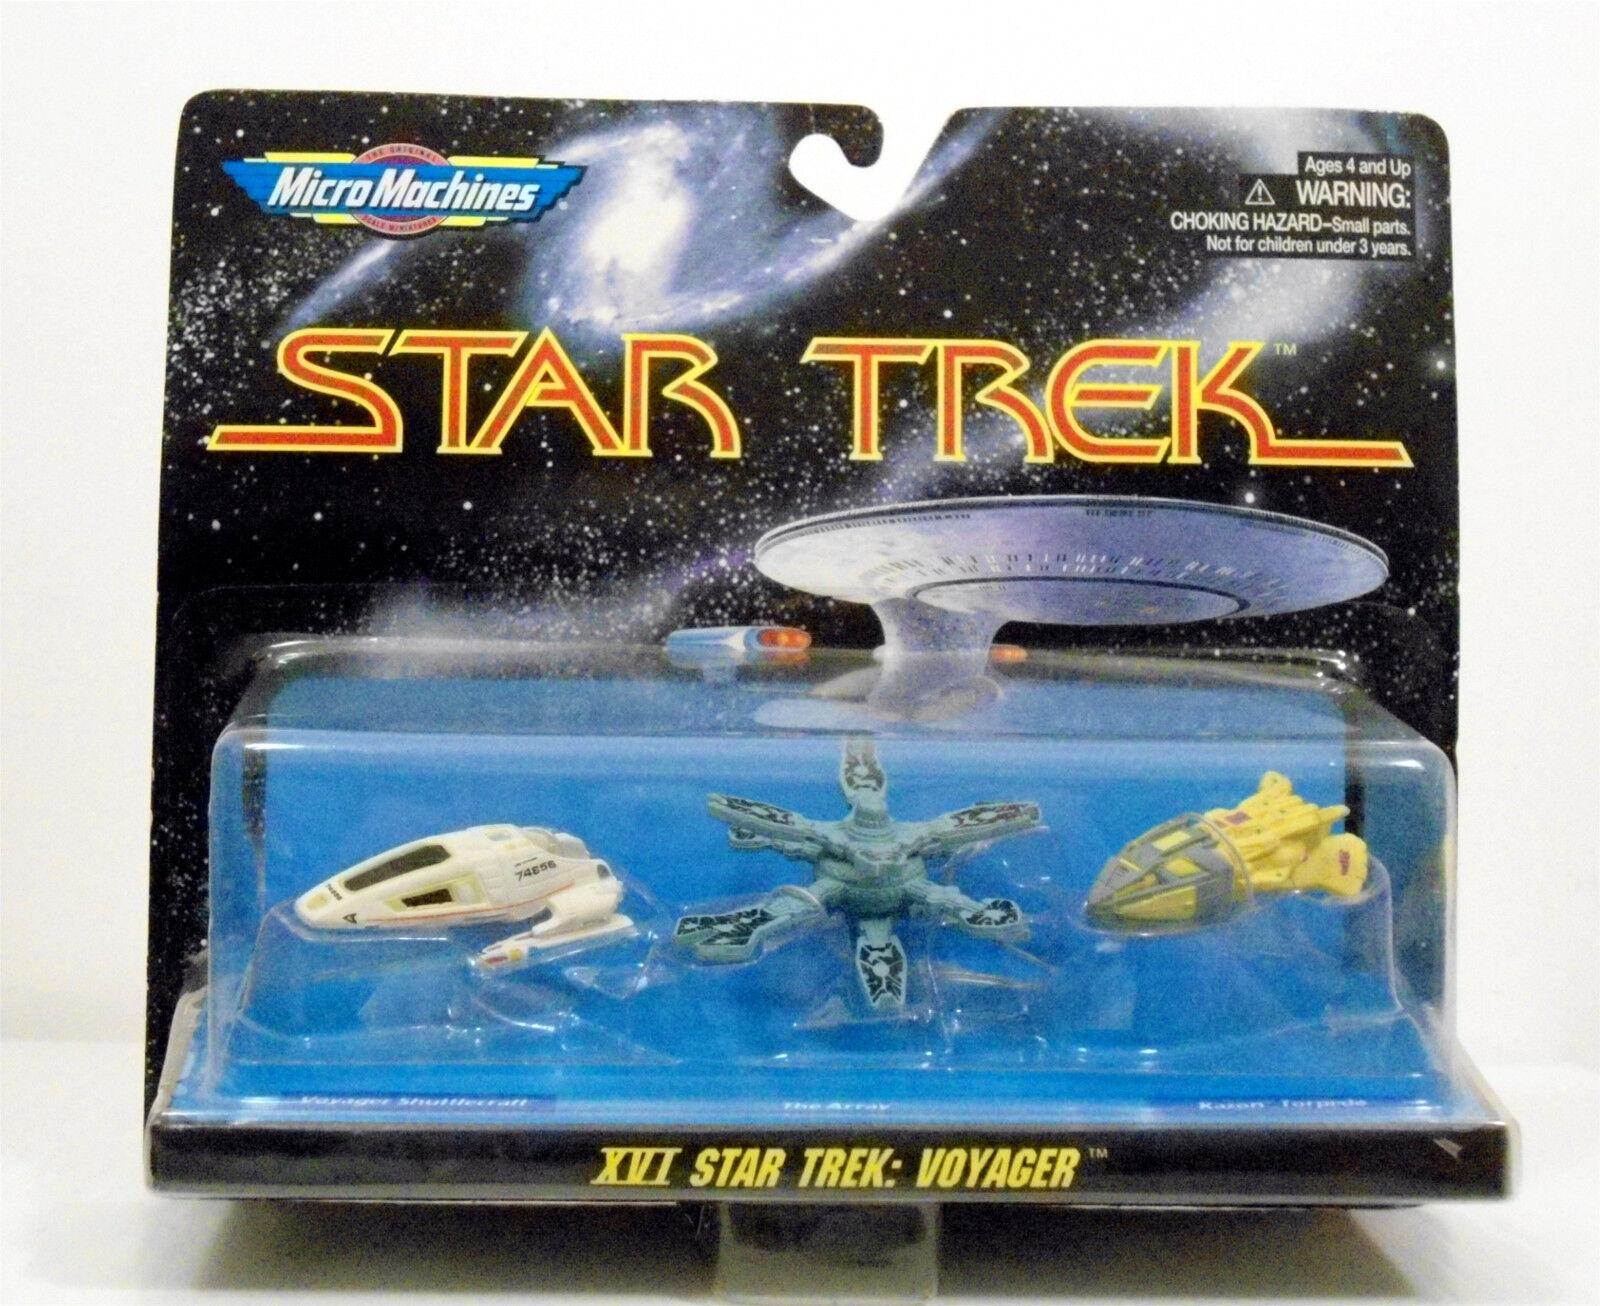 Minimaquina Estrella Estrella Estrella Trek, bloque 16, torpedos Cochedson, fábrica de moneda. fbb